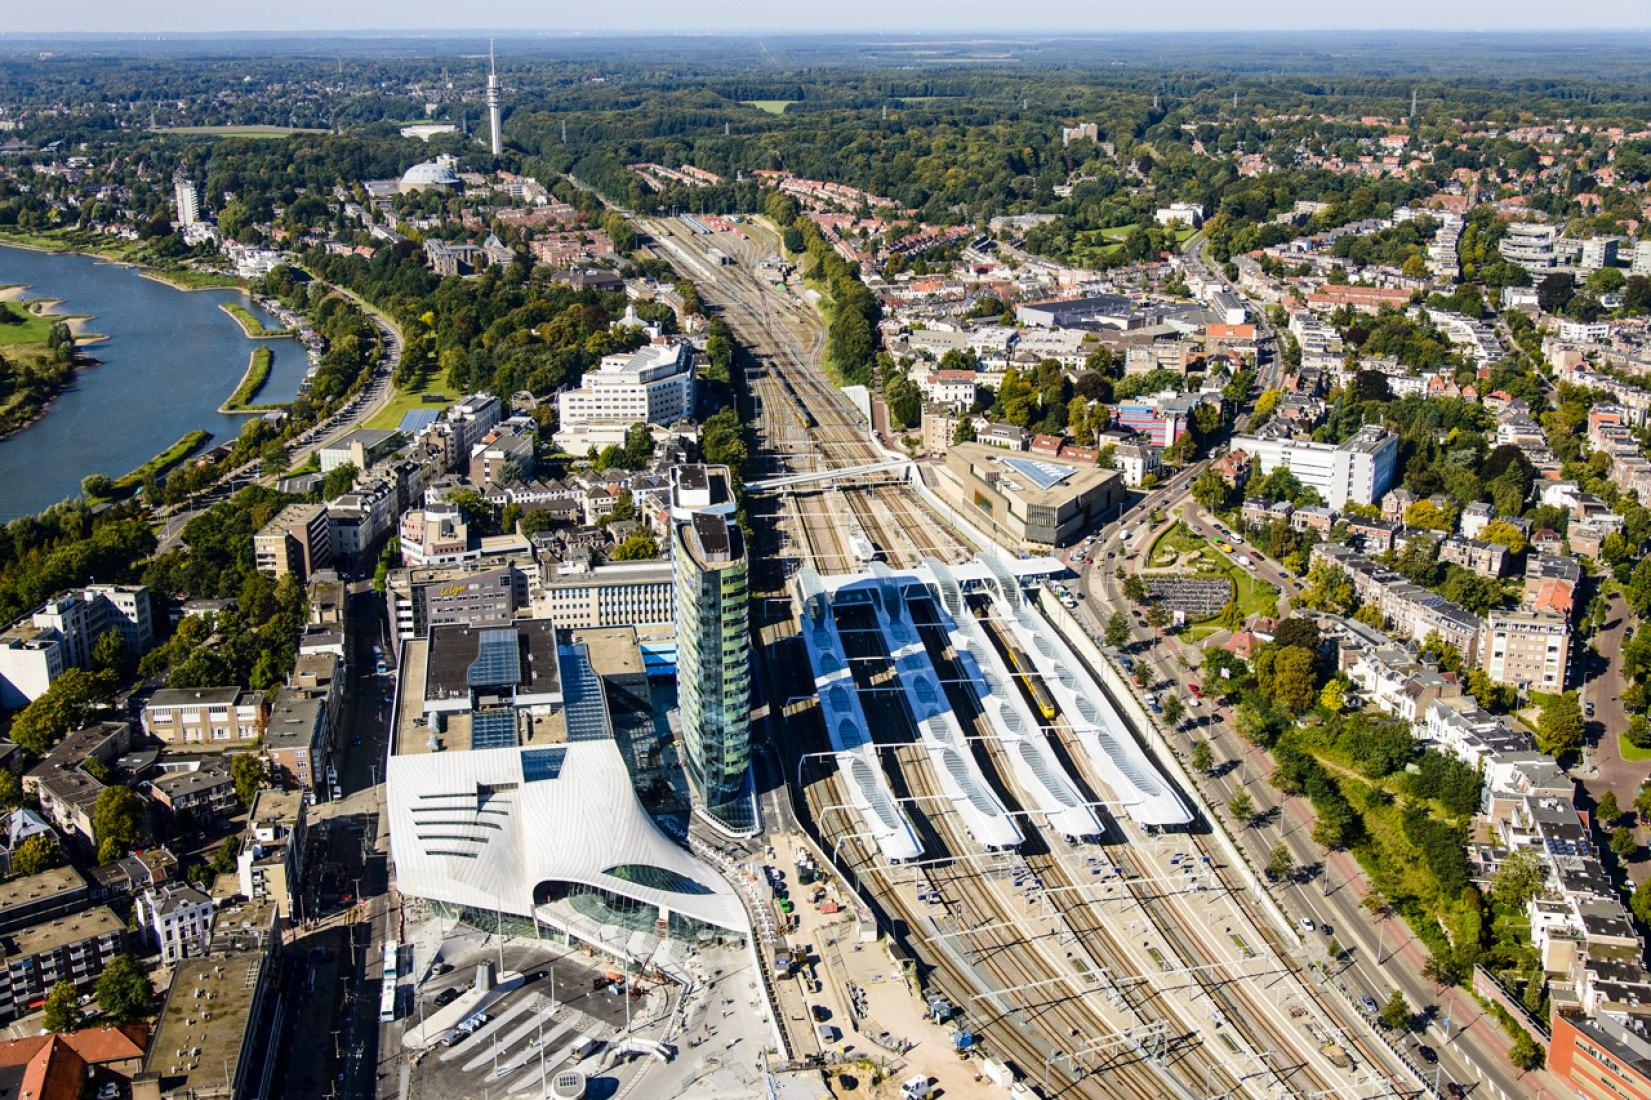 Estación Central y de transferencia de Arnhem por UNSTUDIO. Fotografía © Siebe Swart.